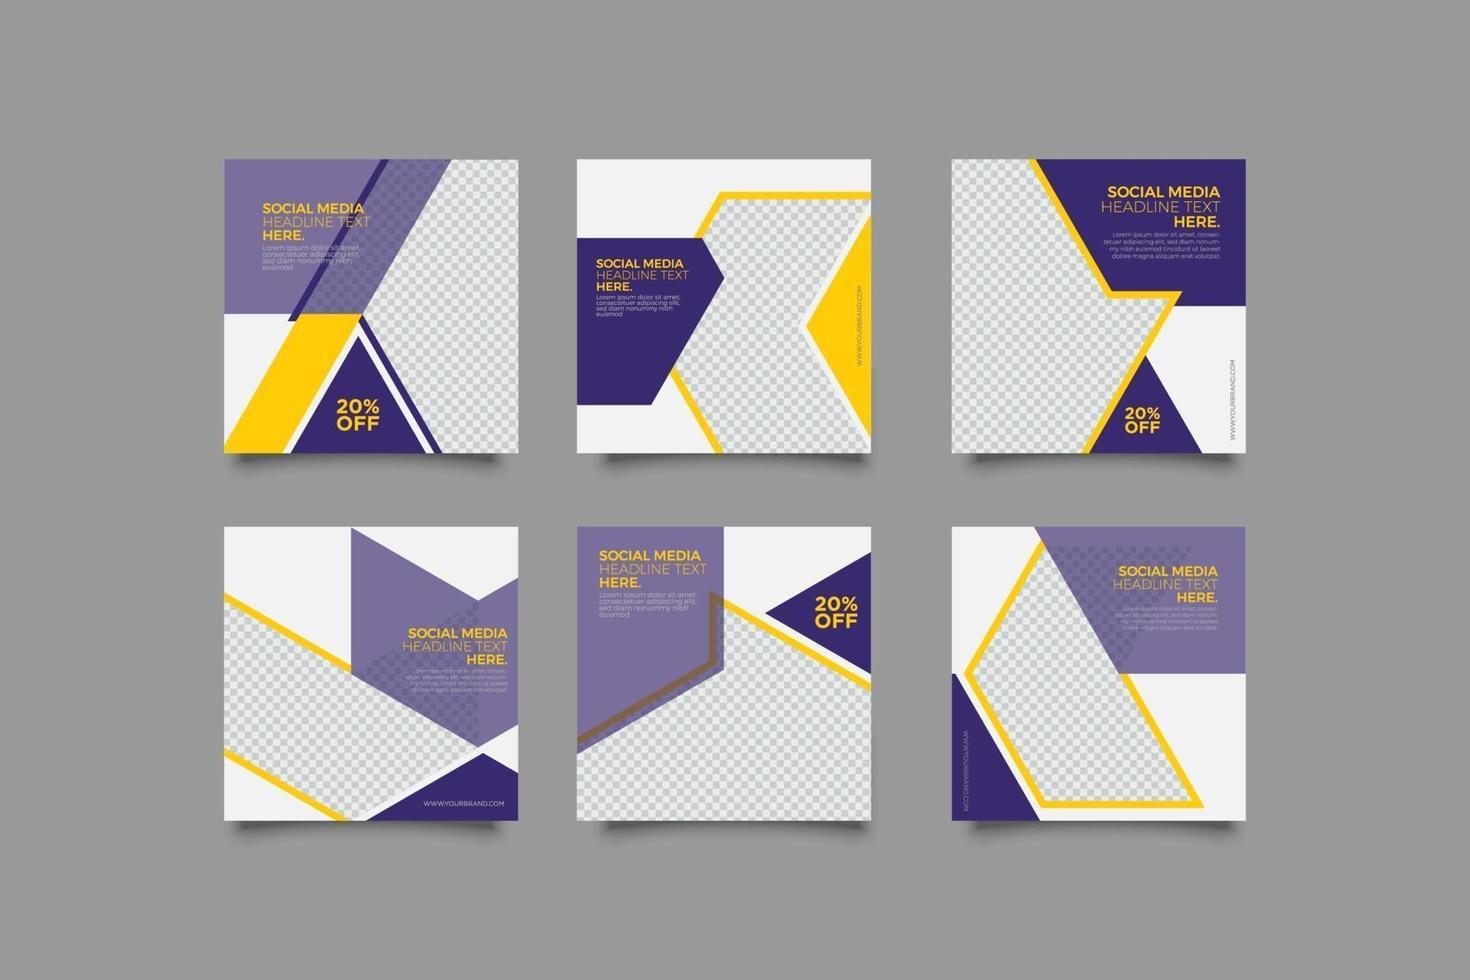 ensemble de modèles de post instagram violet géométrique entreprise moderne vecteur